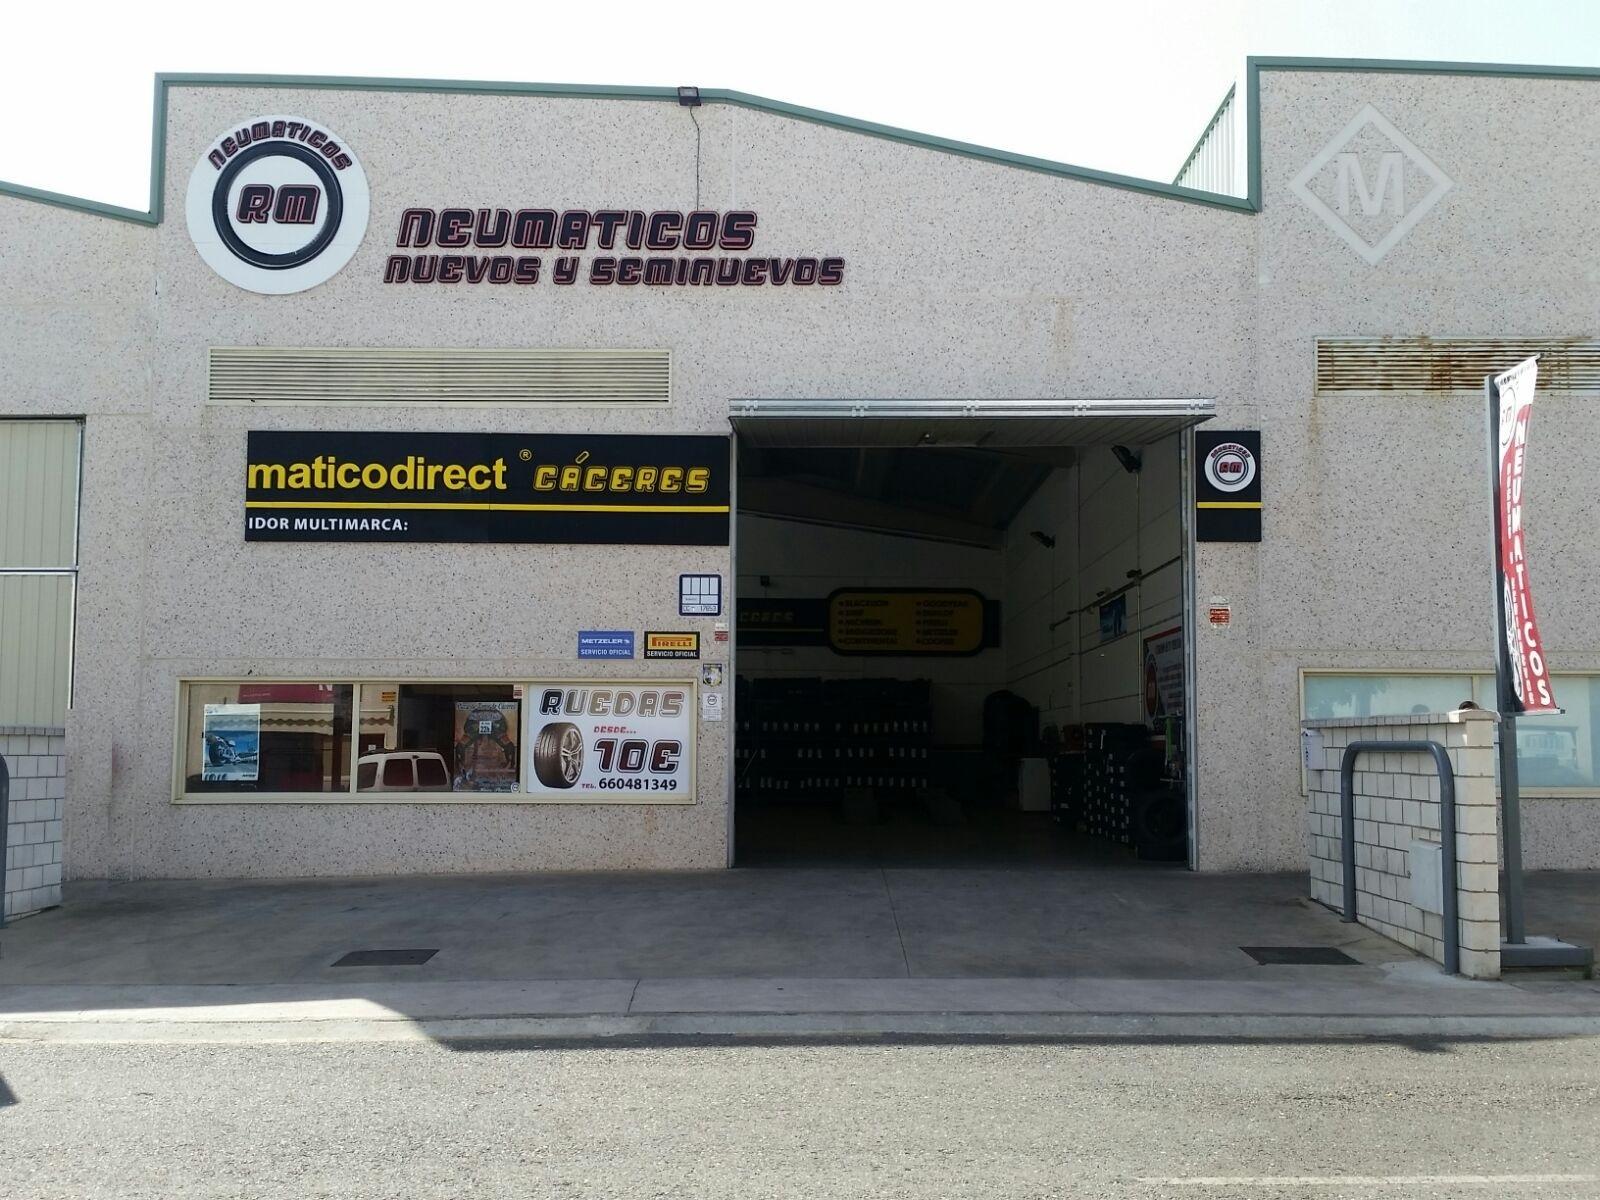 NEUMATICOS RM, Neumáticos baratos en Cáceres